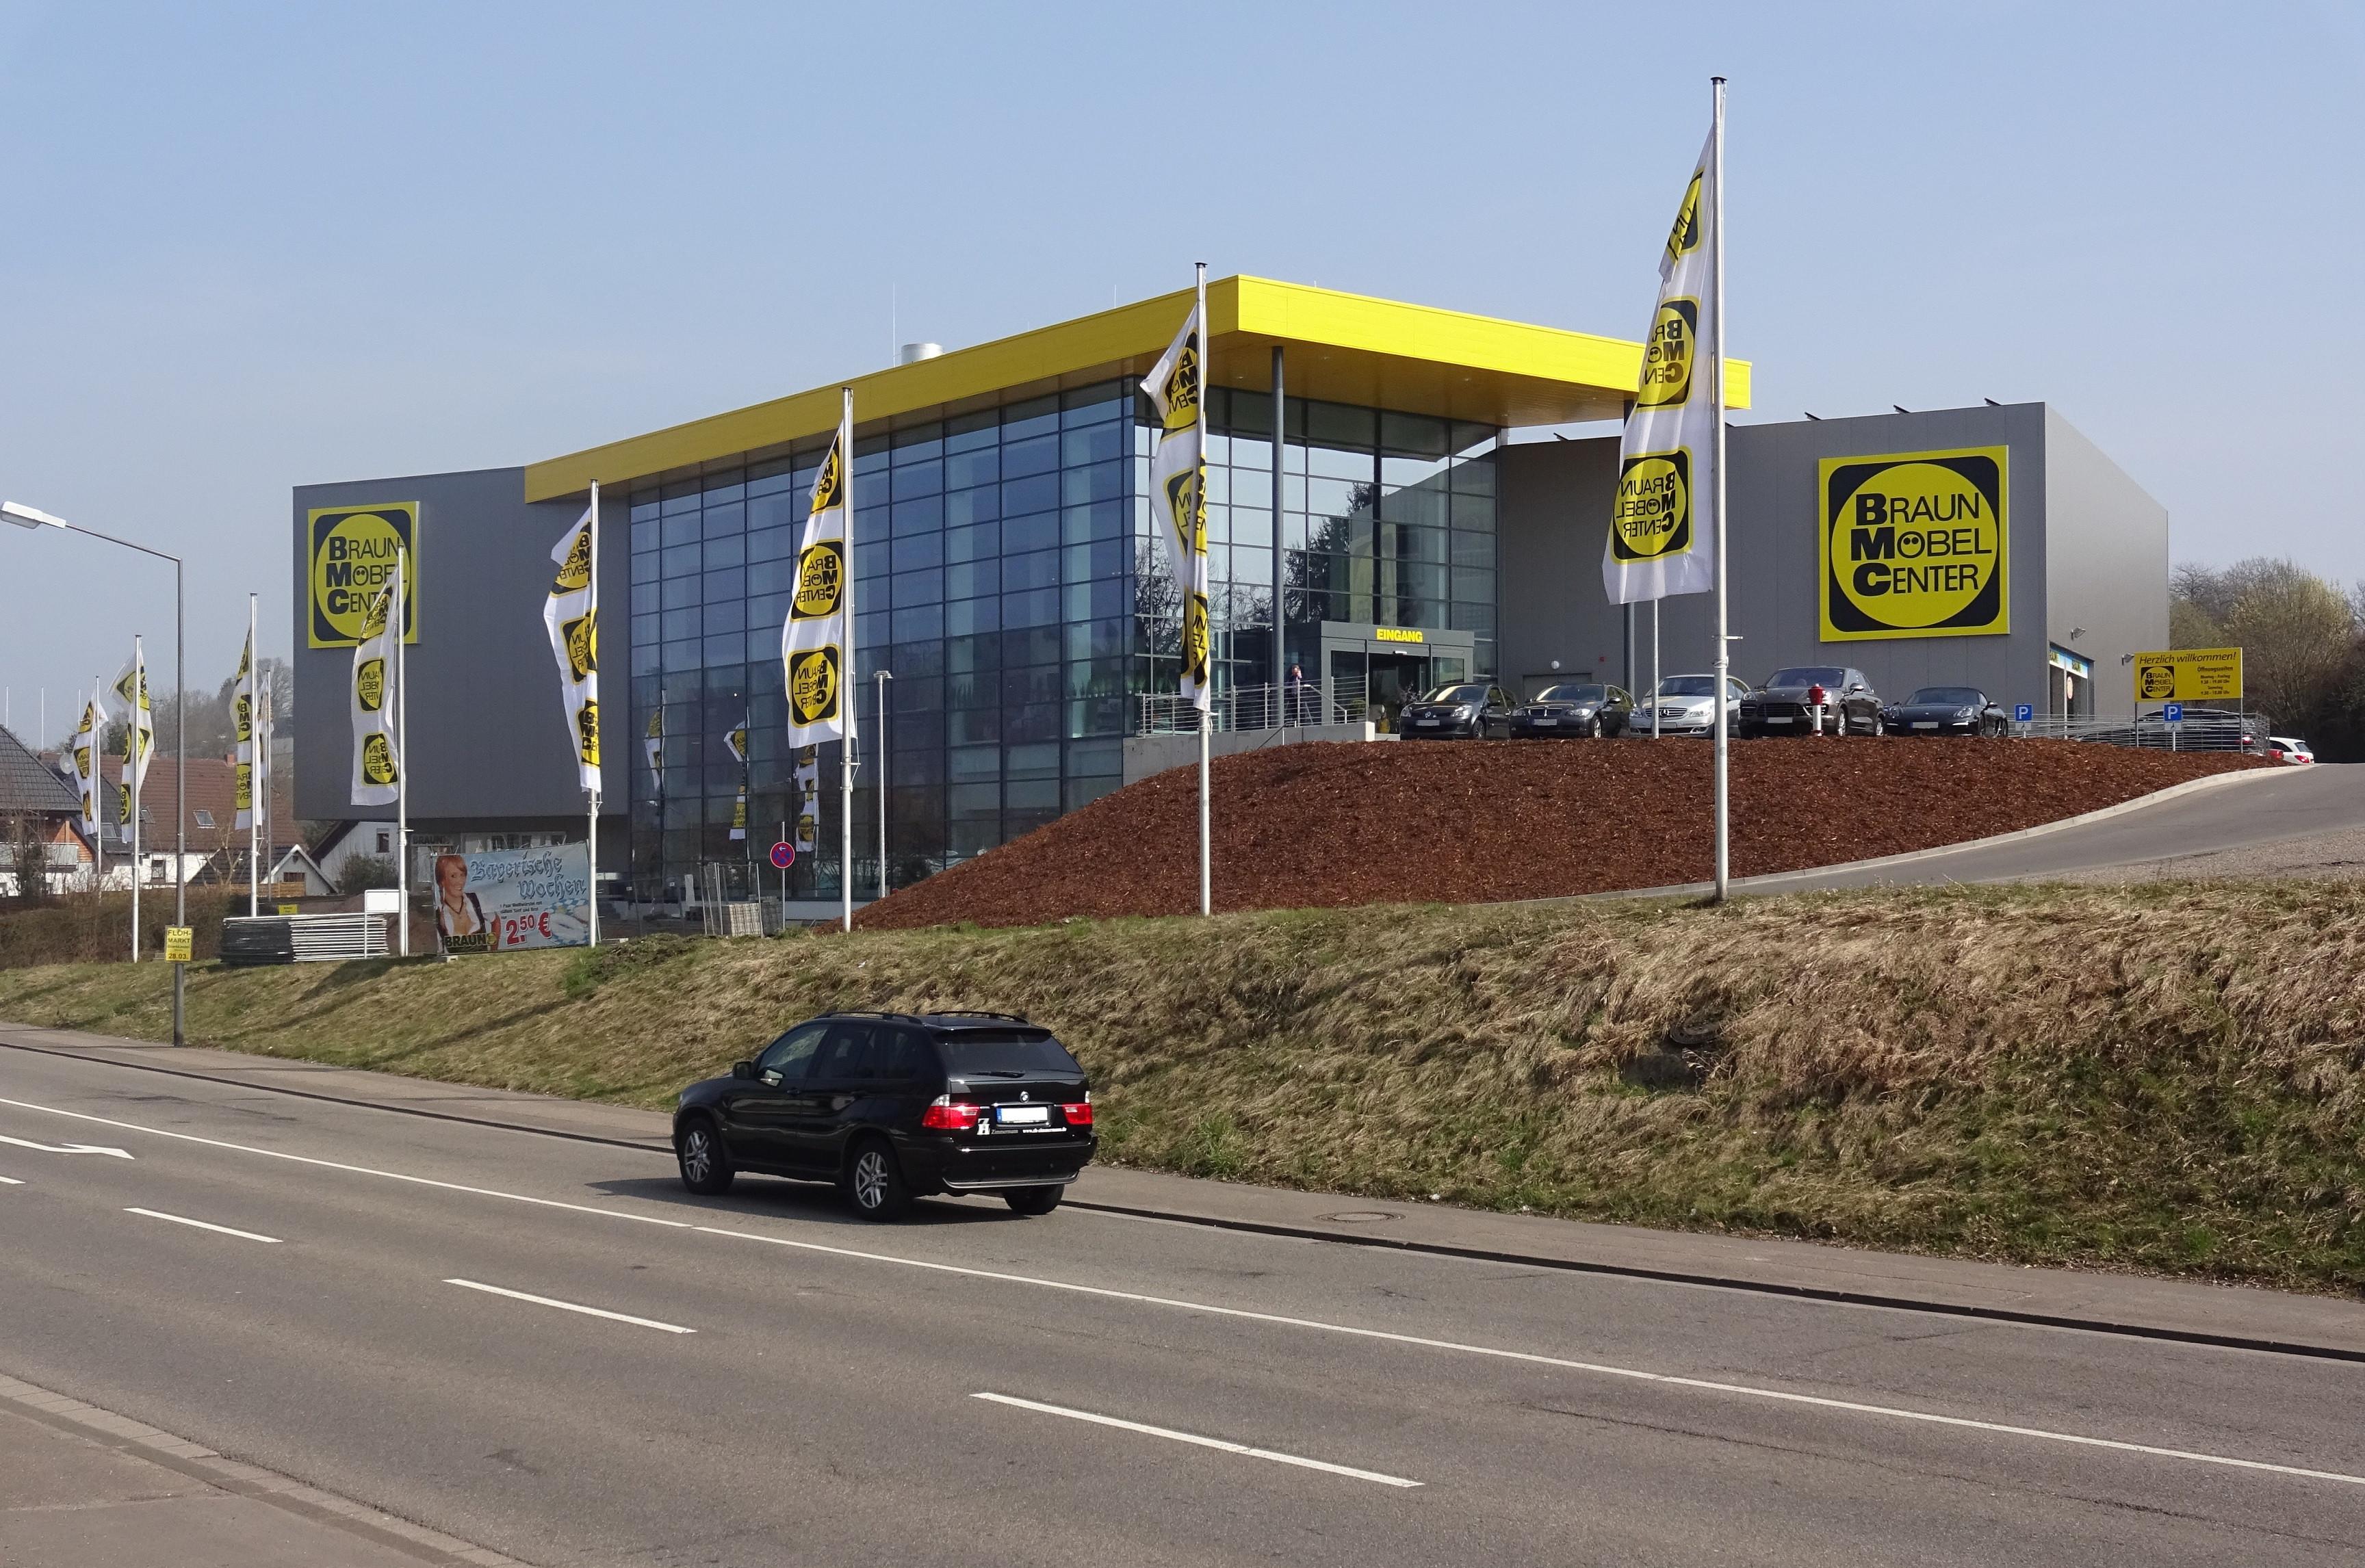 Möbel Braun Reutlingen  Extra günstig Möbel kaufen – BRAUN Möbel Center